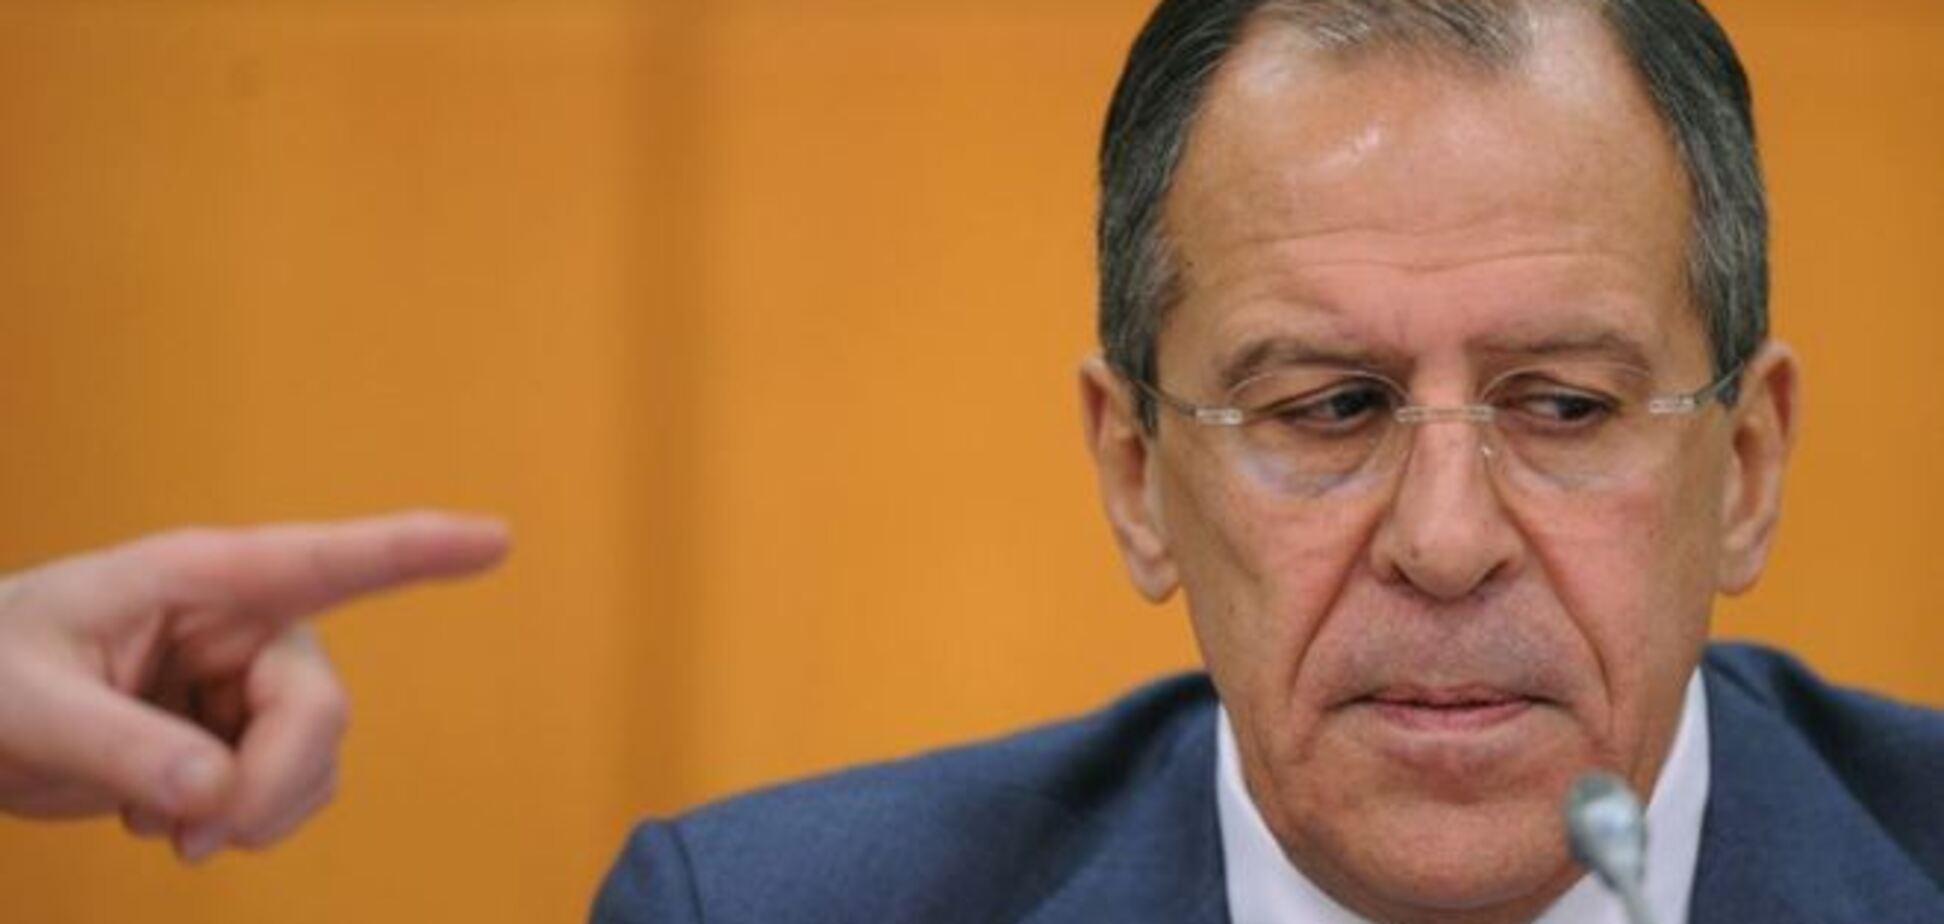 МЗС РФ зайнявся 'нульовим' троллінгом Клімкіна в Twitter: соцмережі очікують на заяву про злом аккаунта